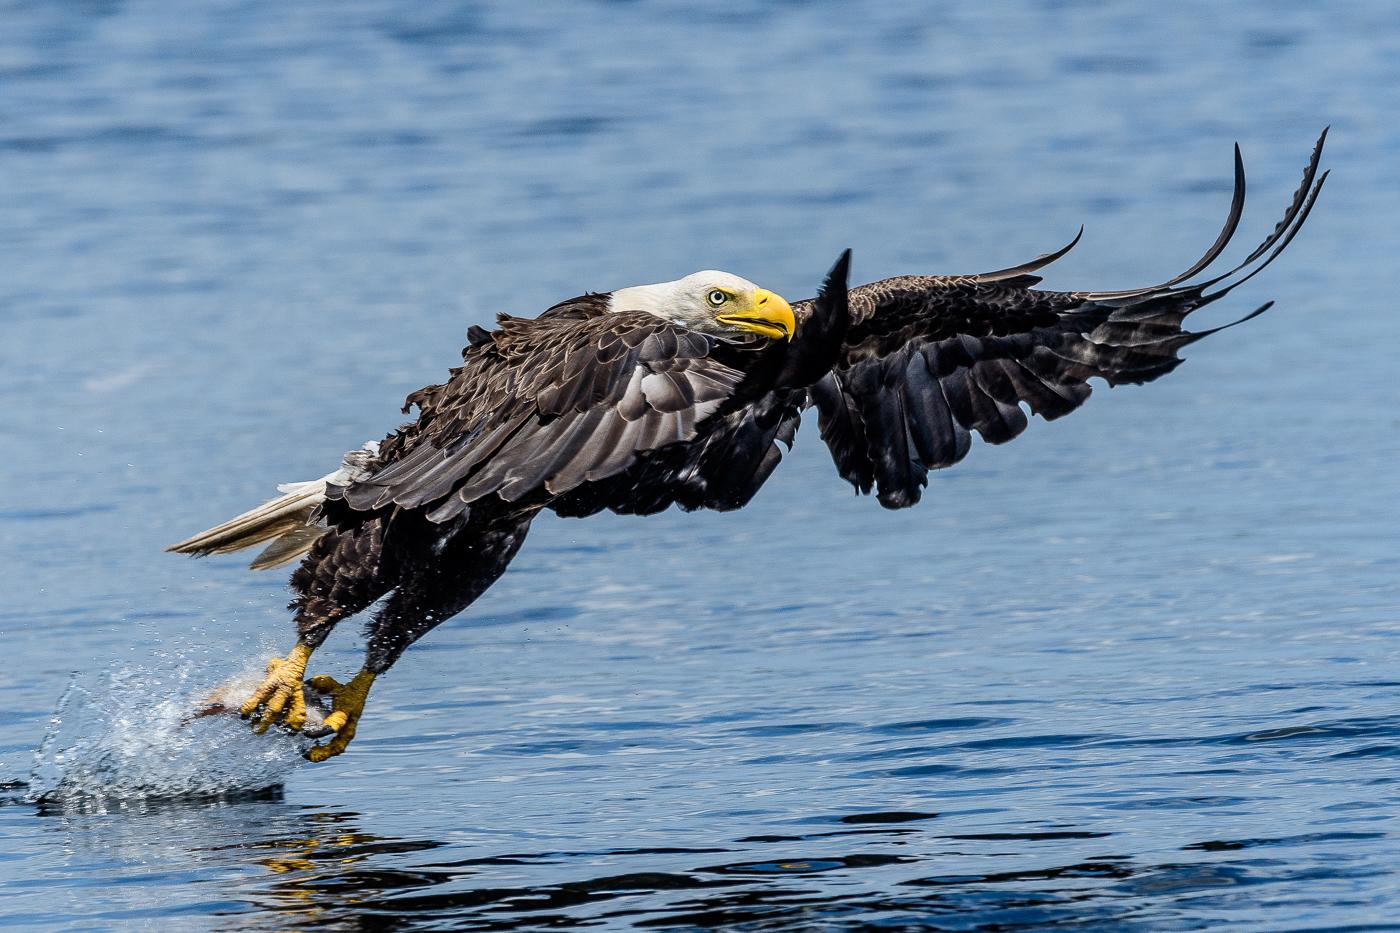 Bald Eagle Fishing on Lake Toho